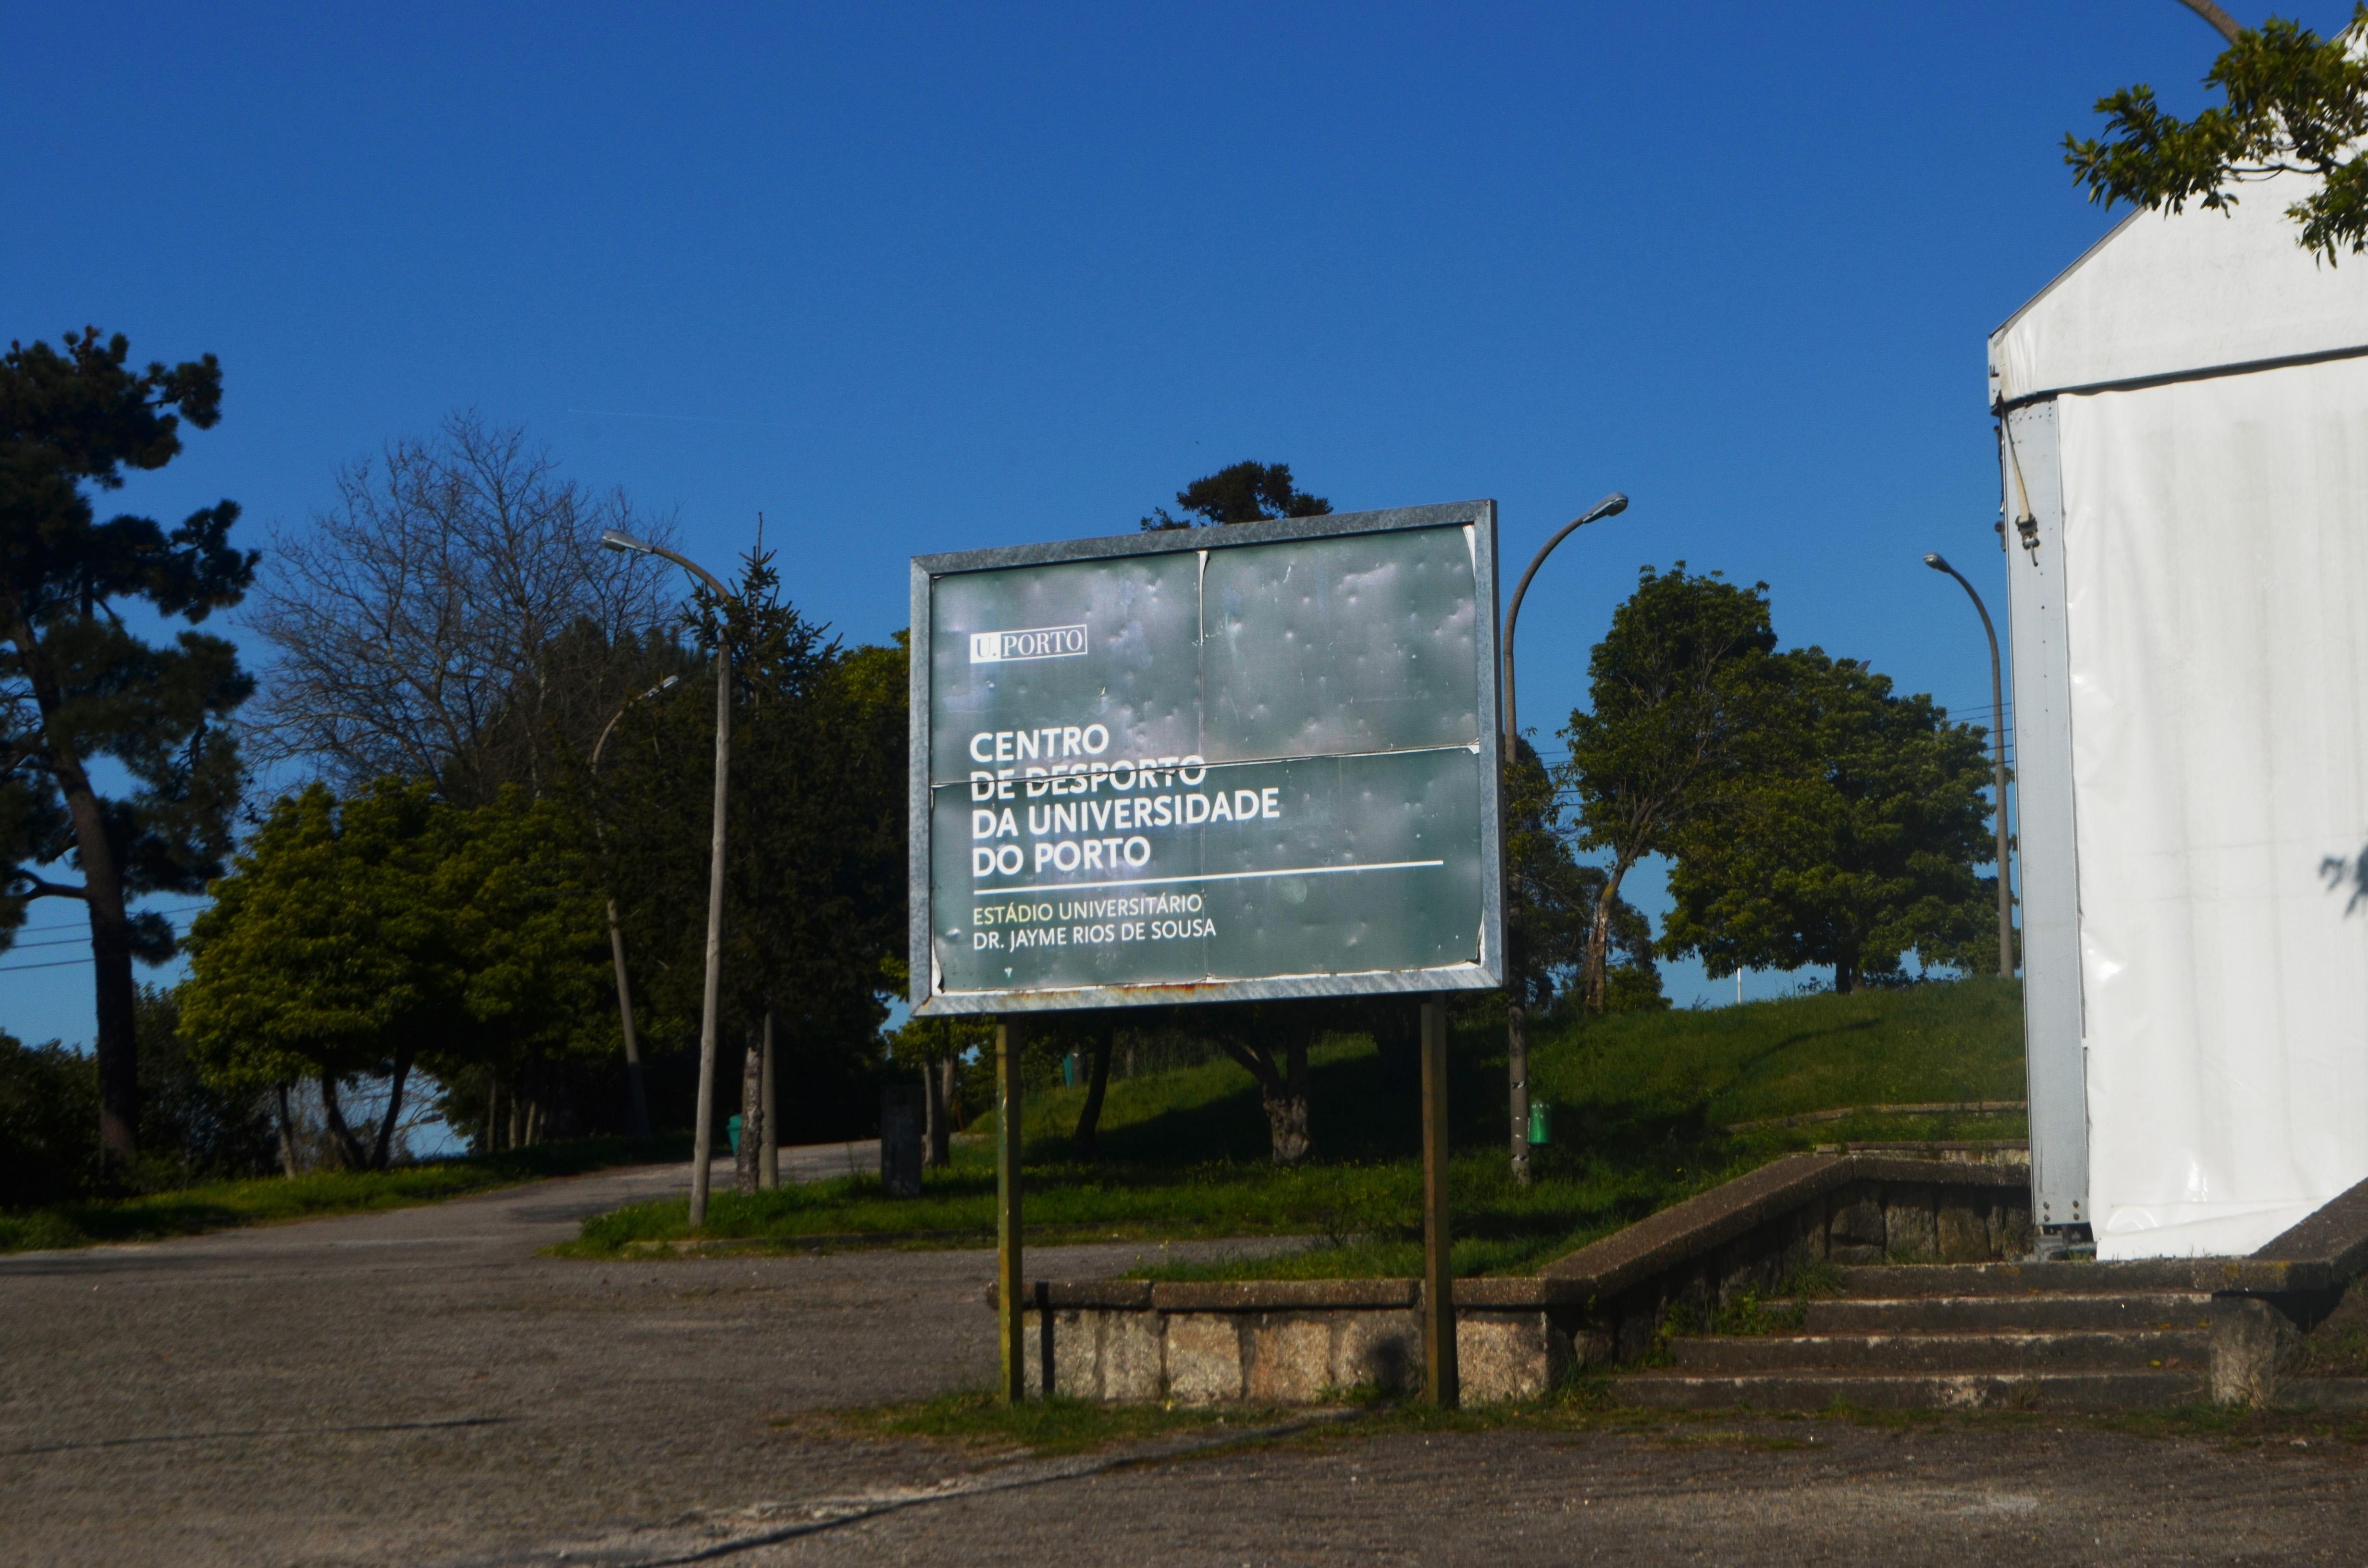 Centro de Desporto da Universidade do Porto